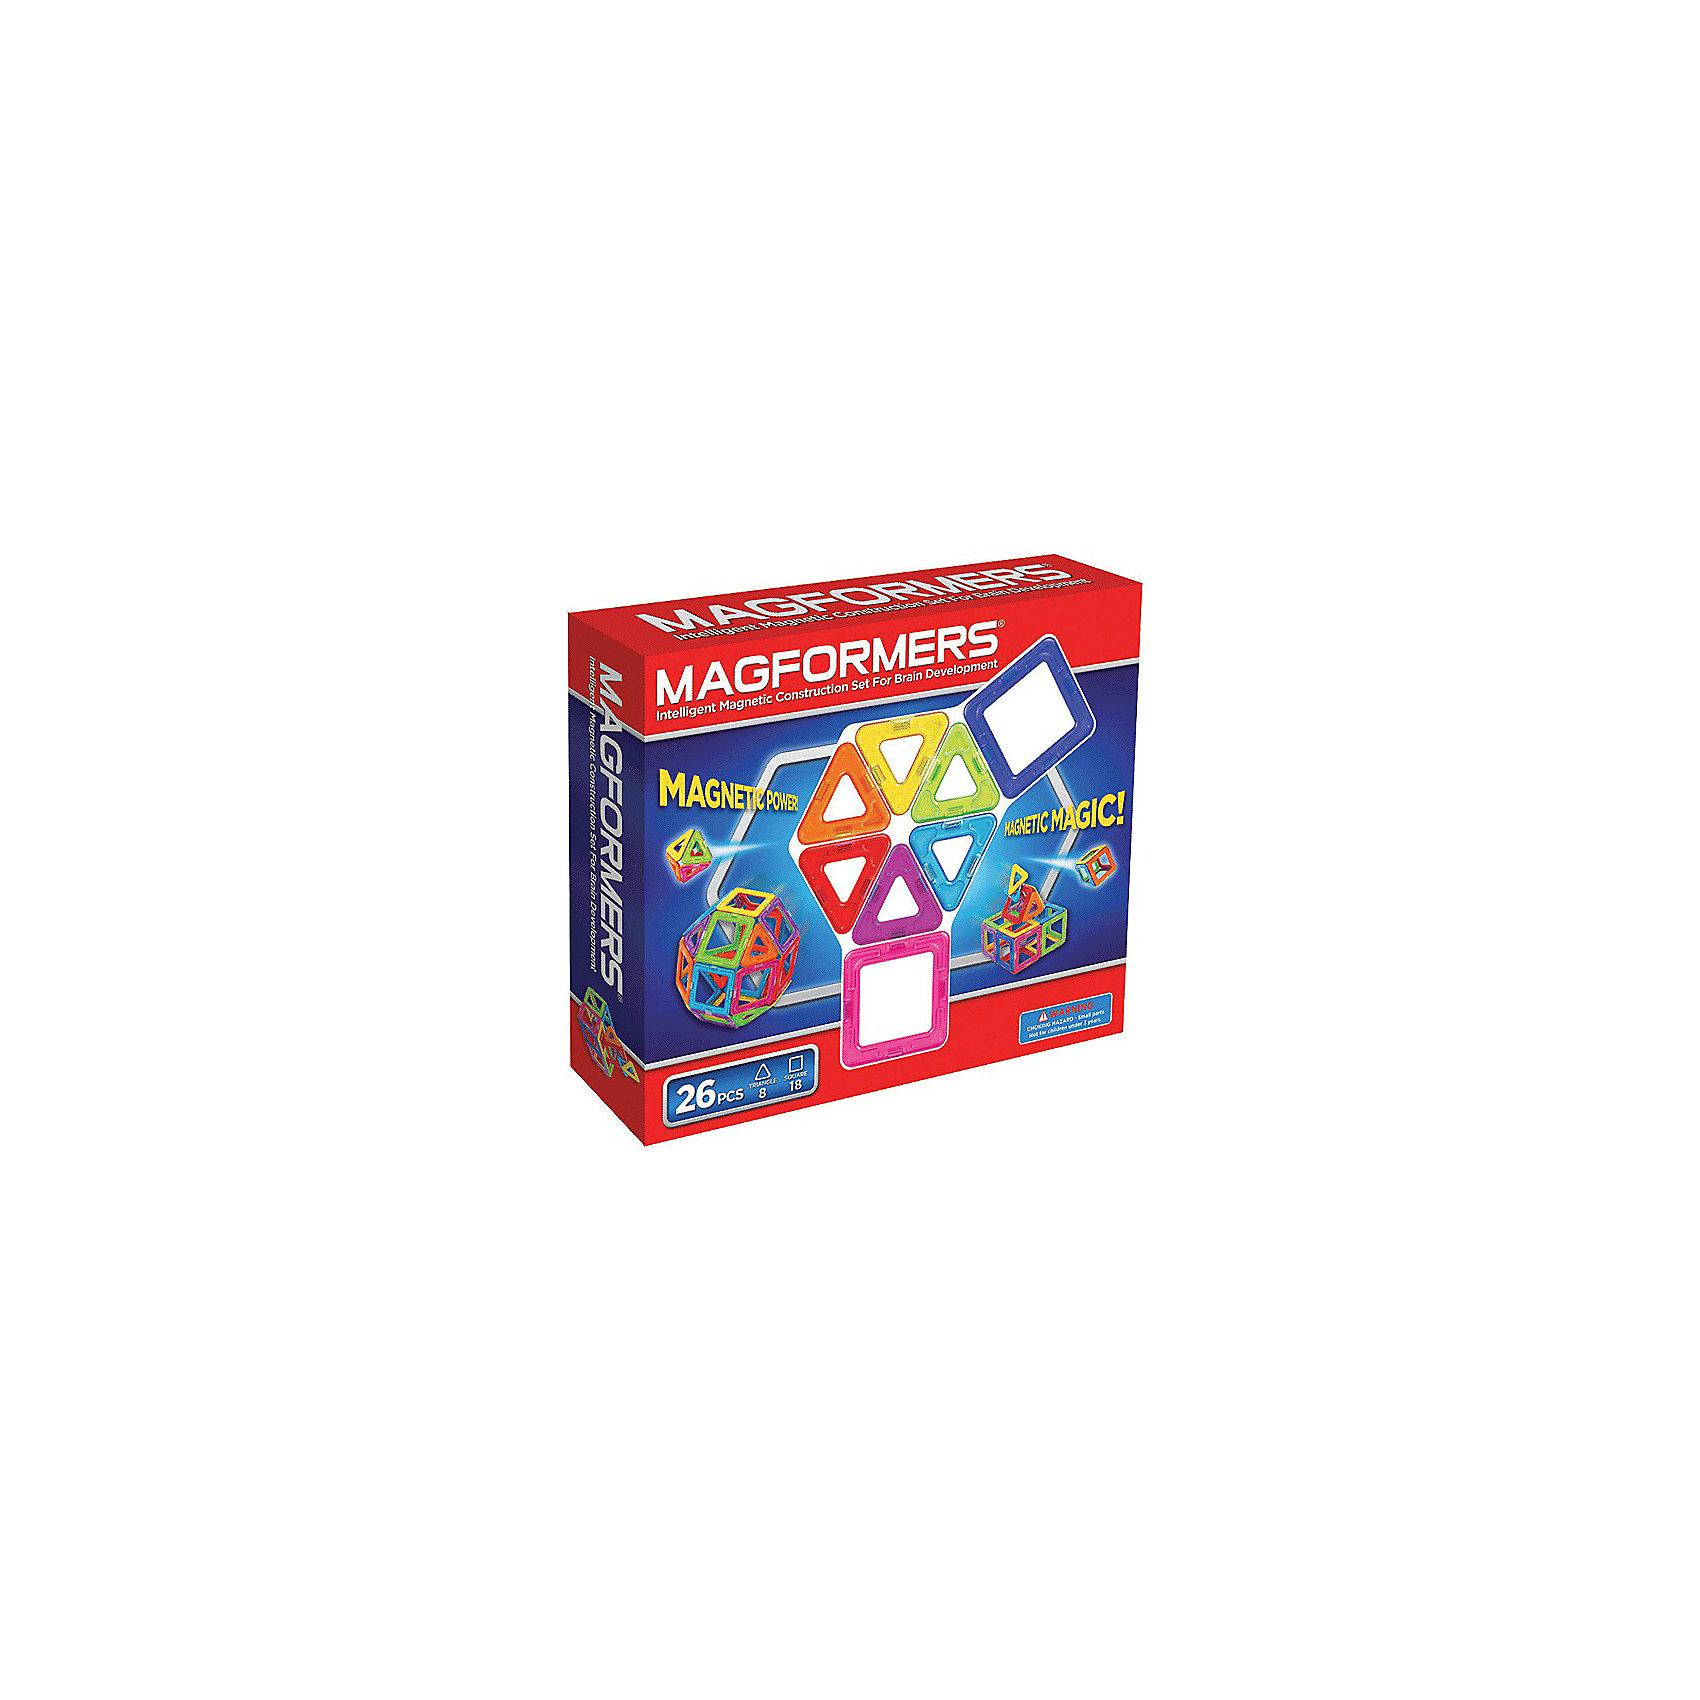 Магнитный конструктор, 26 деталей, MAGFORMERSМагнитный конструктор MAGFORMERS 26 - отличный набор для начинающего строителя. Он рассчитан на возраст от двух лет, хотя прекрасно подойдет и ребенку от 1 года в связи с отсутствием мелких деталей. Набор Магформерс 26 состоит из квадратов и треугольников всех цветов радуги.<br><br>Количество деталей позволяет делать не только простые аппликации, но и более сложные трехмерные постройки (домики, небольшие замки, волшебный шар и т.д.). Яркие цвета развивают эстетическое восприятие, формы учат пространственному мышлению.<br><br>Набор Magformers 26 позволит не только создать какие-то фигуры из книги идей, но и проявить фантазию. Ребенок сможет сконструировать что-то особенное - придумать гараж для своих машинок или домик для любимой куклы, простейшую мебель для игрушек.<br><br>Дополнительная информация:<br><br>- в наборе 8 треугольников и 18 квадратов<br><br>Магнитный конструктор MAGFORMERS 26 можно купить в нашем магазине.<br><br>Ширина мм: 230<br>Глубина мм: 220<br>Высота мм: 50<br>Вес г: 400<br>Возраст от месяцев: 36<br>Возраст до месяцев: 192<br>Пол: Унисекс<br>Возраст: Детский<br>SKU: 3323954